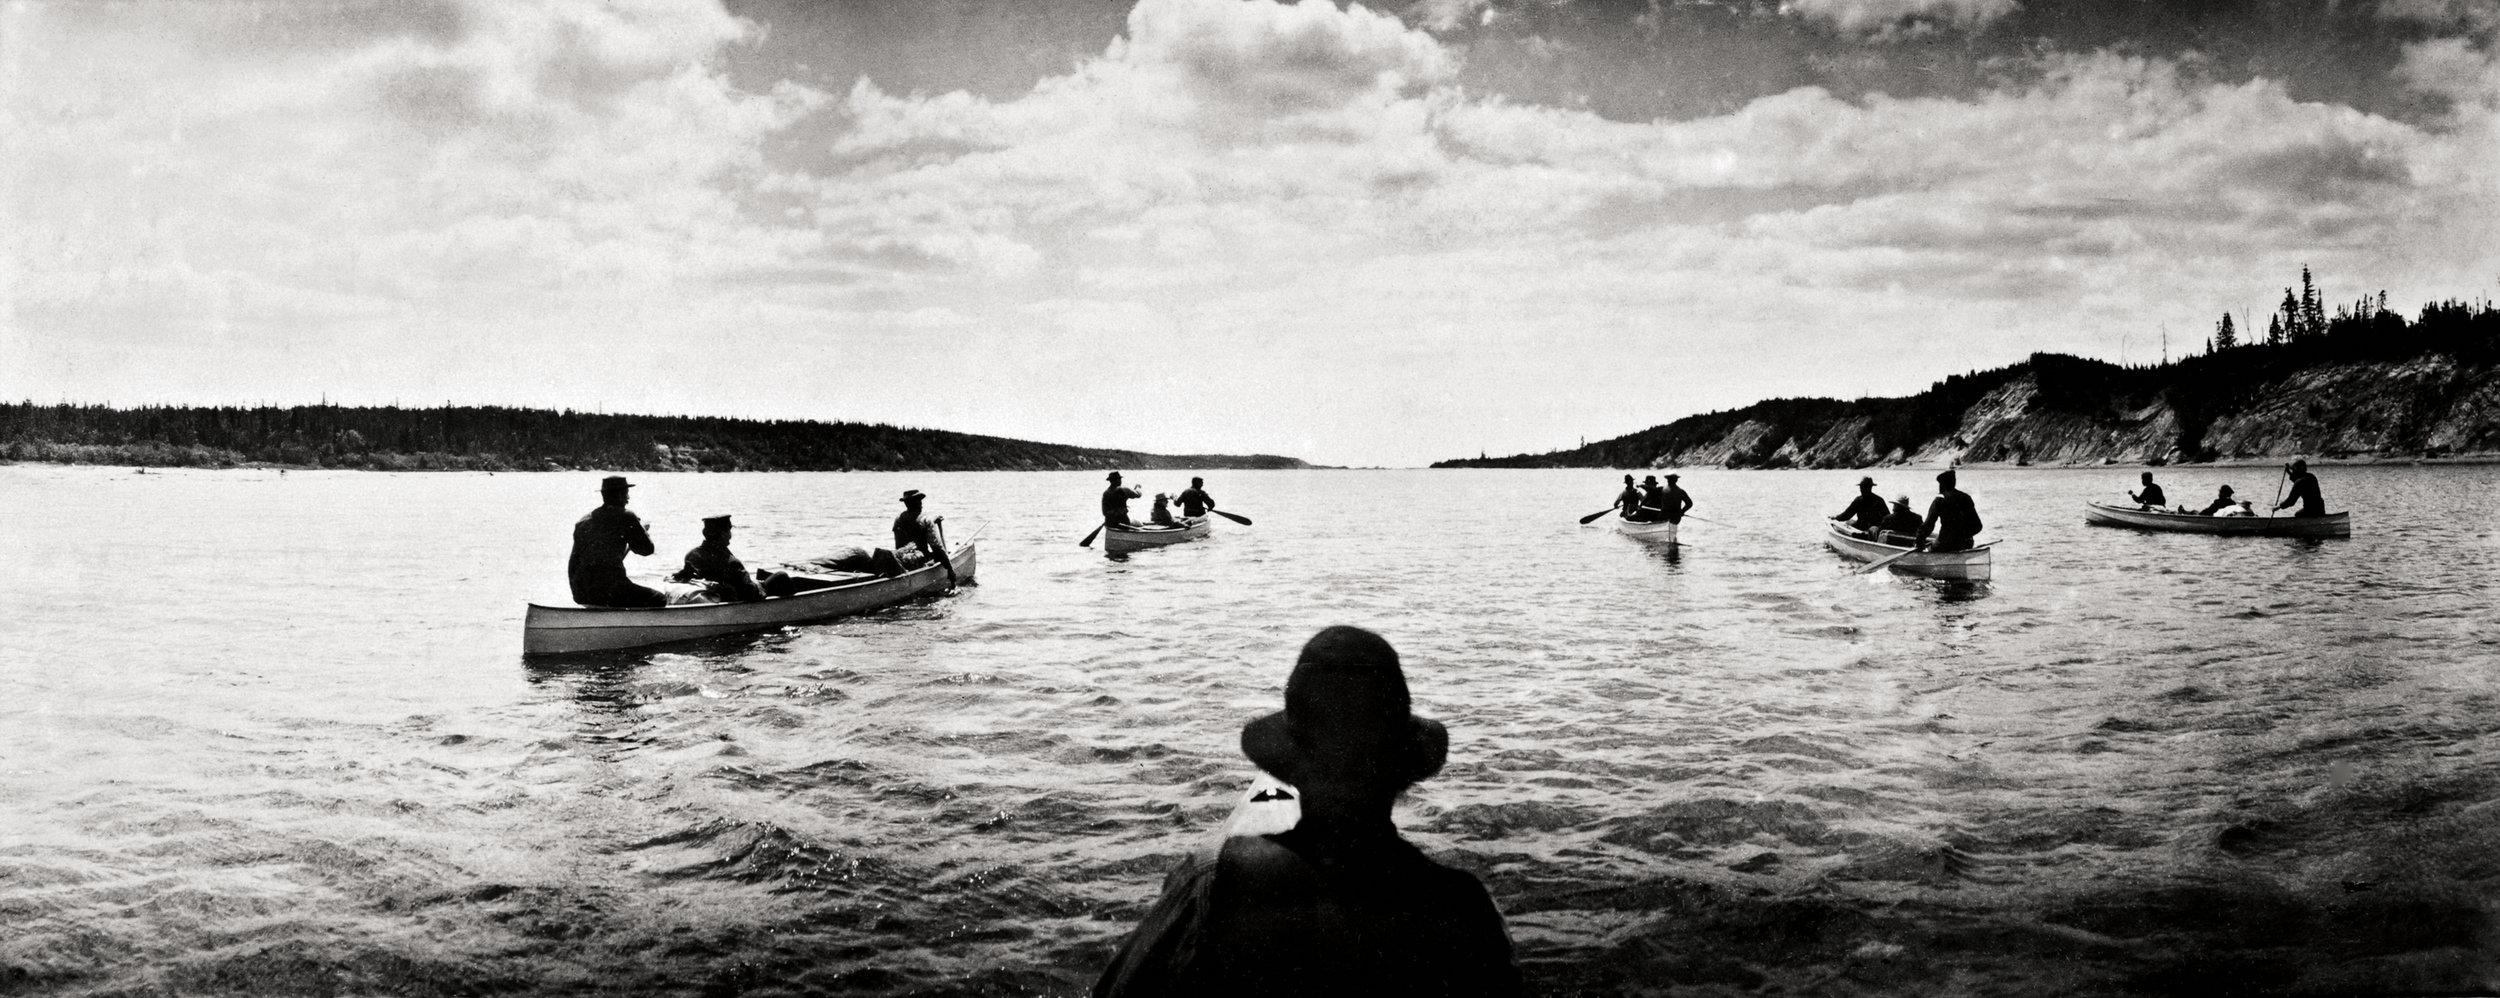 Lighroom 4 b canoes (52 of 254).jpg